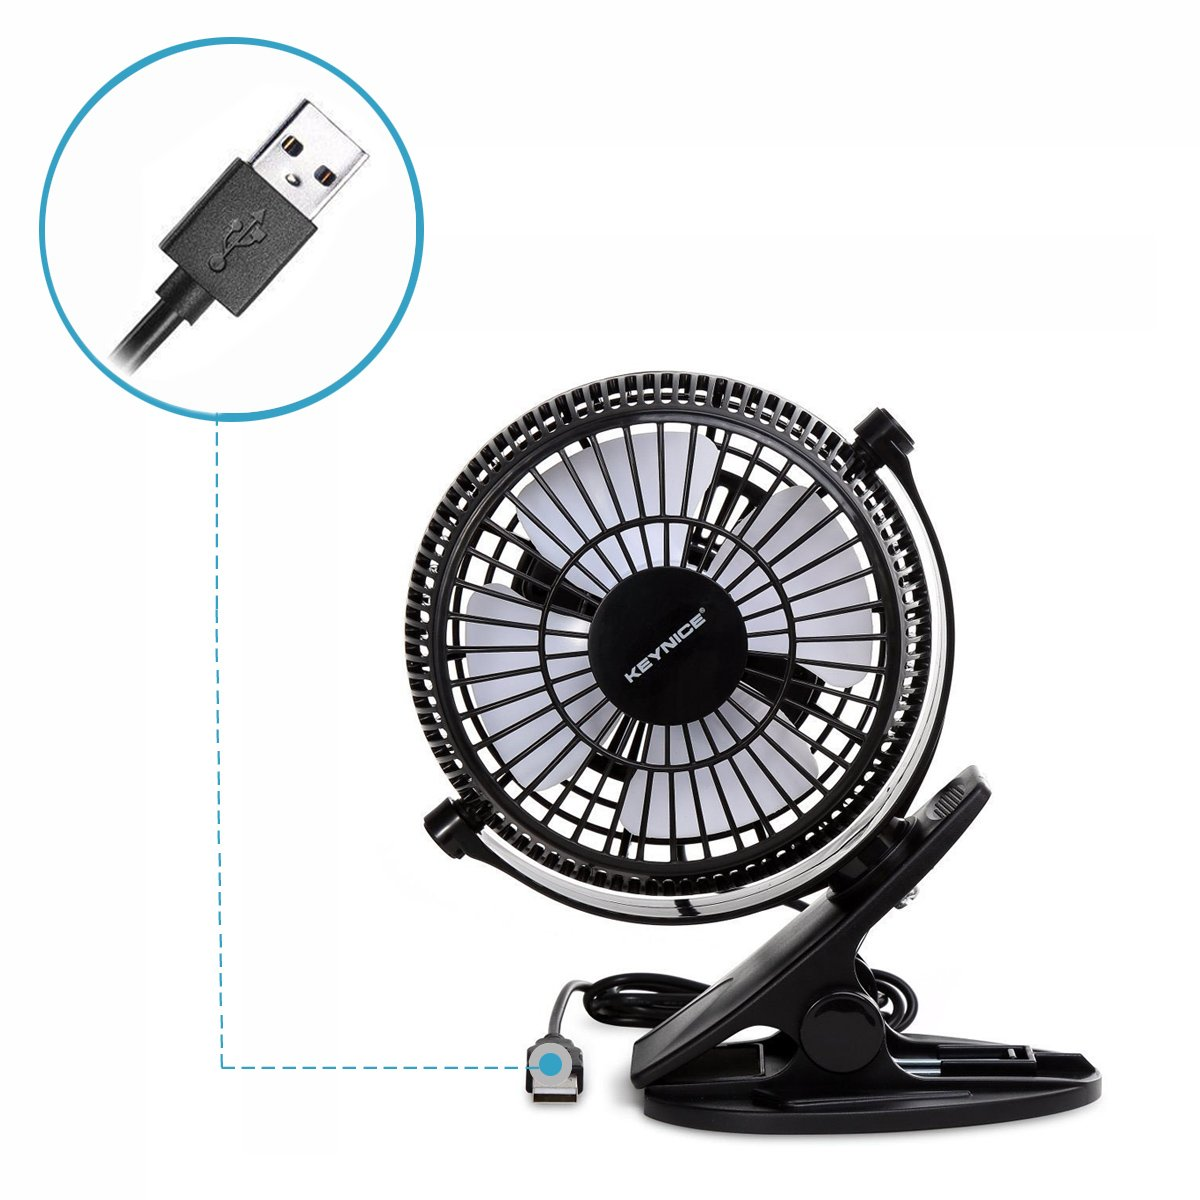 KEYNICE USB Clip Desk Personal Fan, Table Fans,Clip on Fan,2 in 1 Applications, Strong Wind, 2 in 1 Applications, Strong Wind, 4 inch 2 Speed Portable Cooling Fan USB Powered by Netbook, PC by KEYNICE (Image #8)